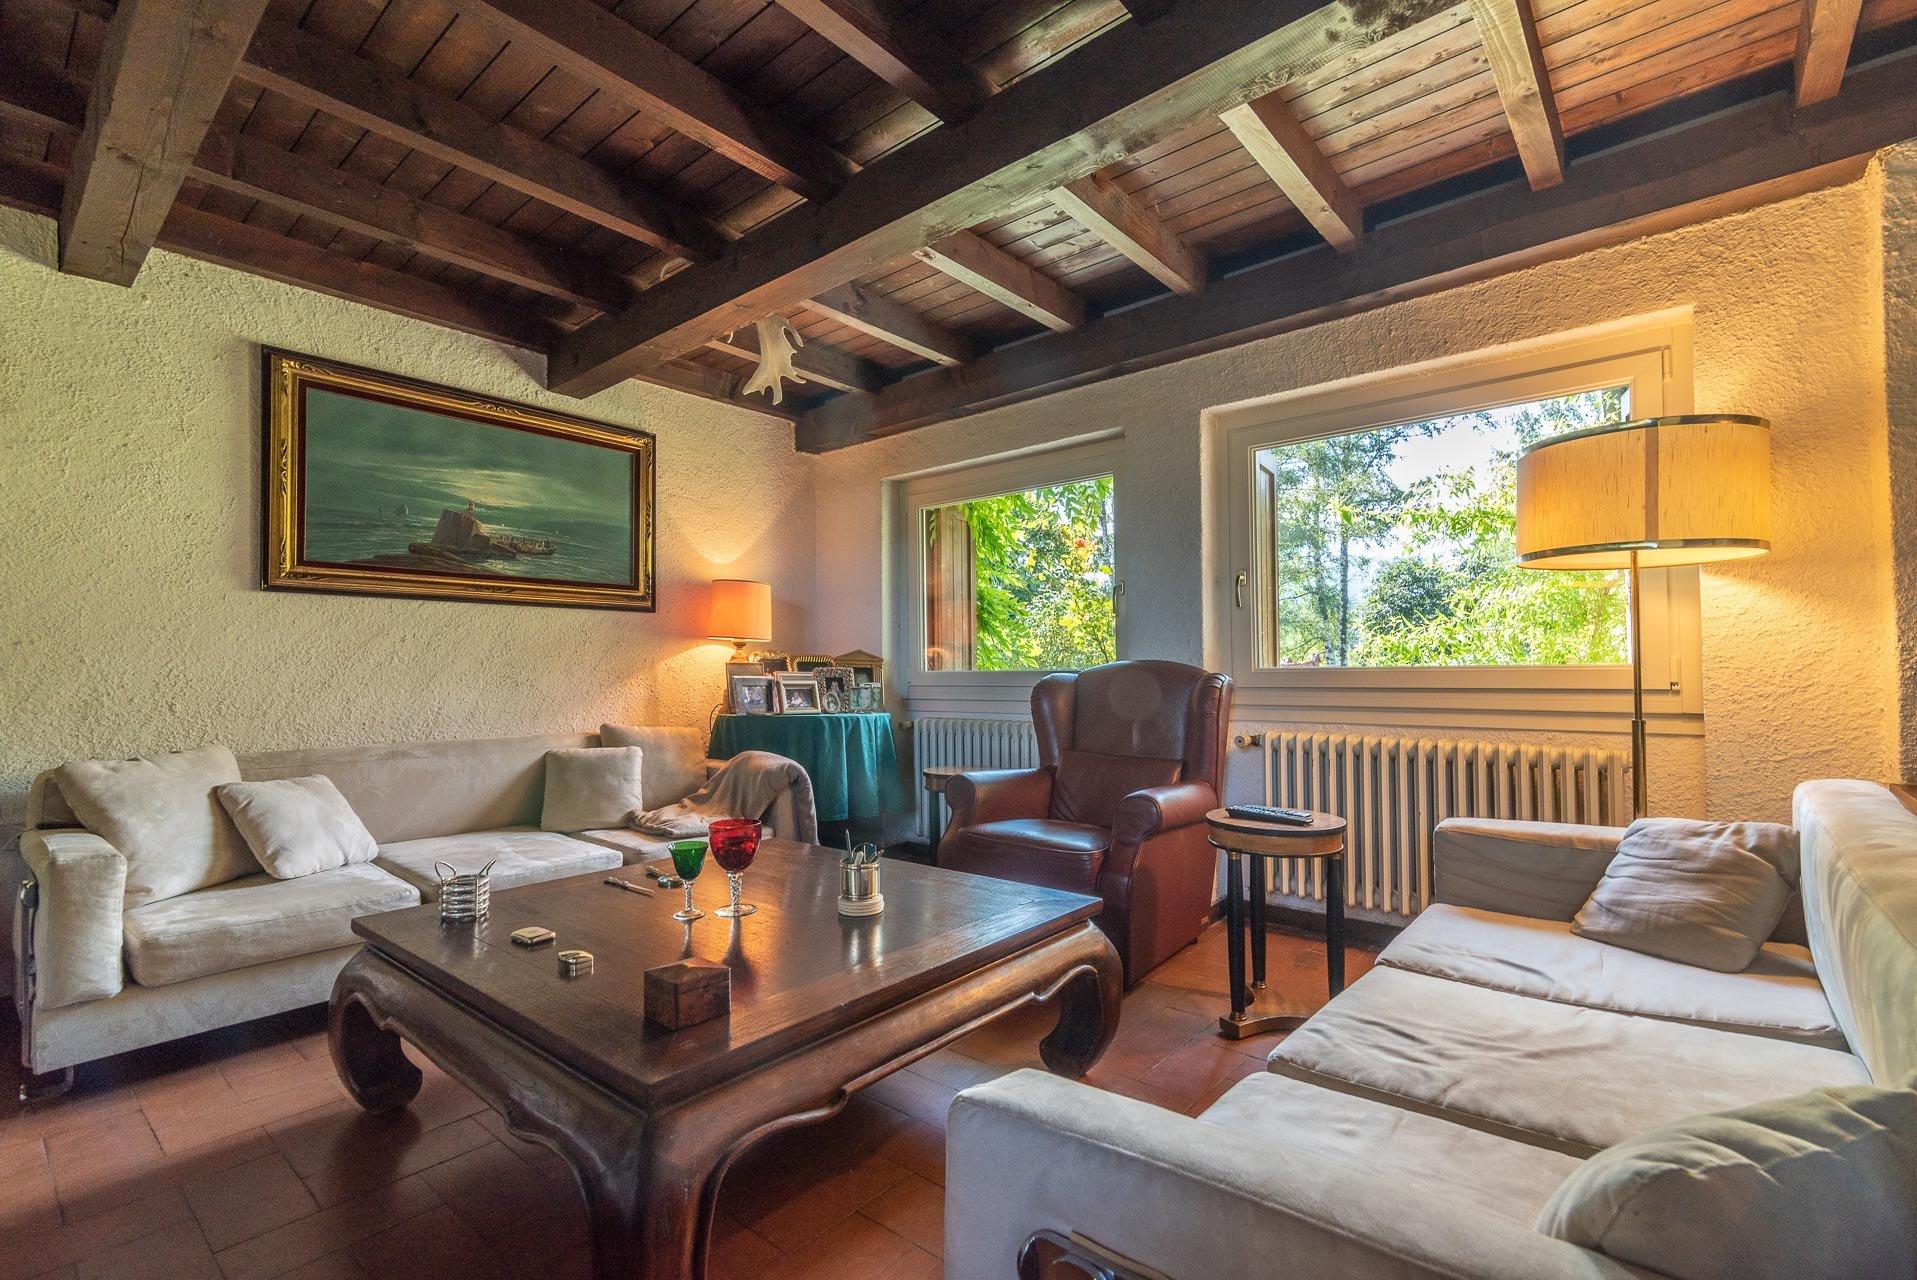 Villa con piscina in vendita a Gignese - soggiorno